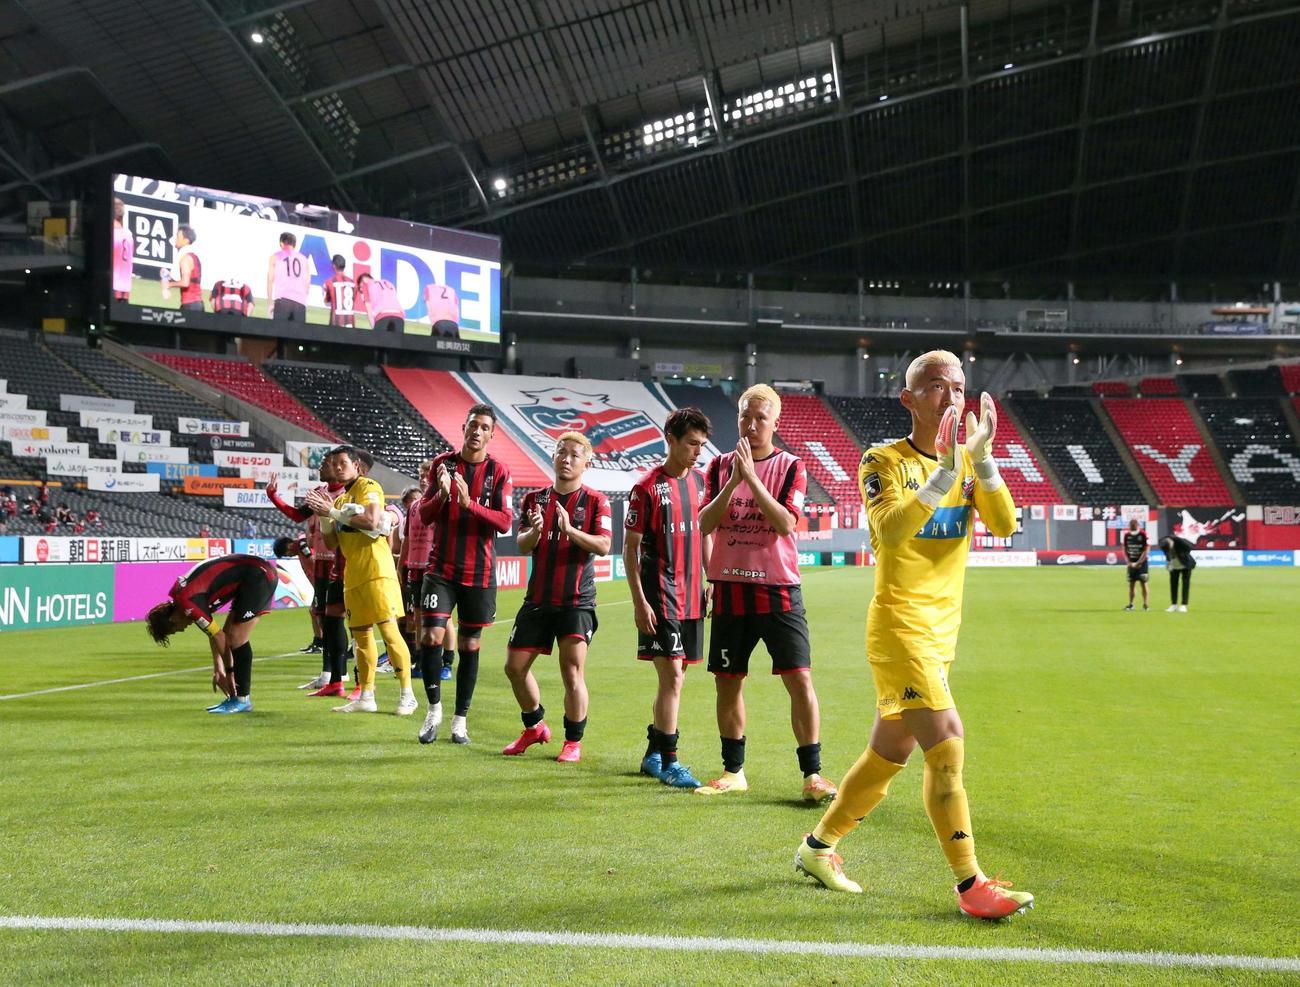 札幌対川崎F 1-6で破れ試合後、スタンドにあいさつする札幌の選手たち(撮影・黒川智章)